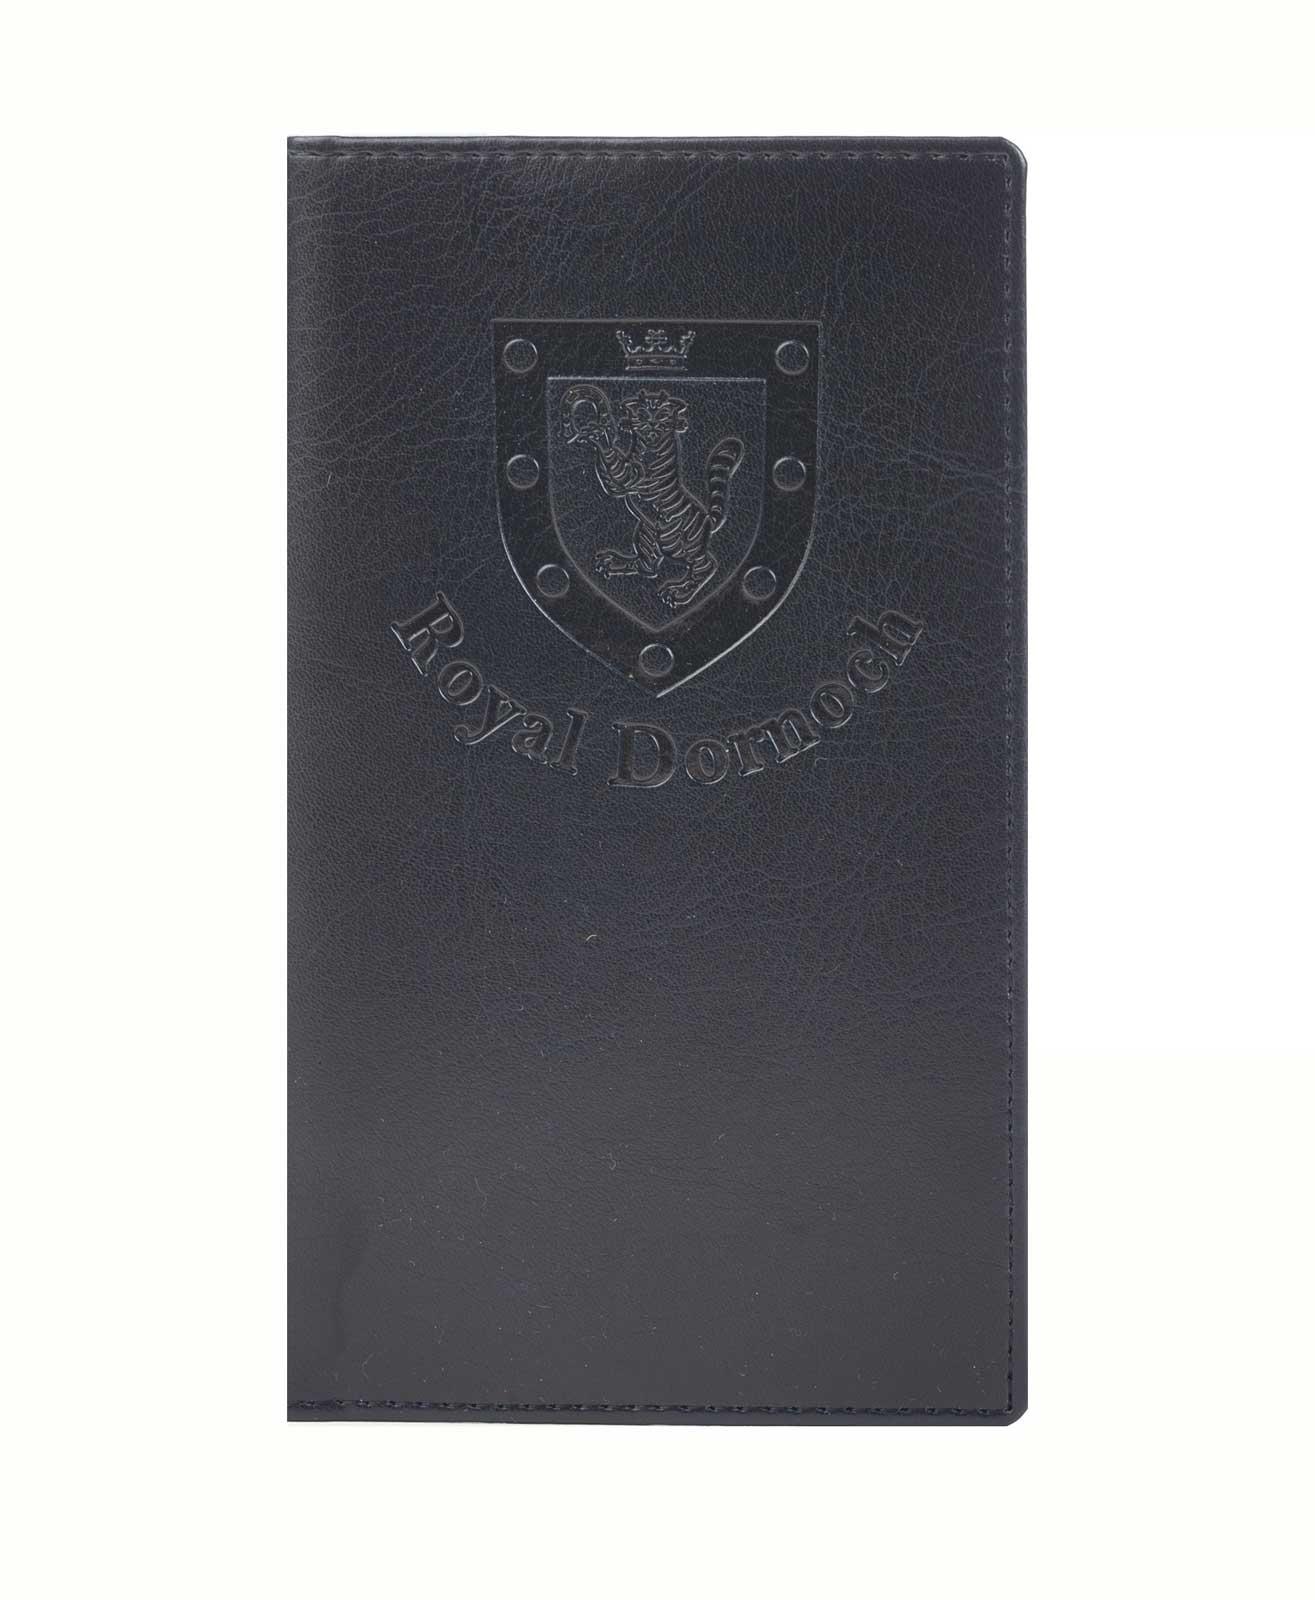 Leatherette Style Scorecard Holder With Embossed Logo